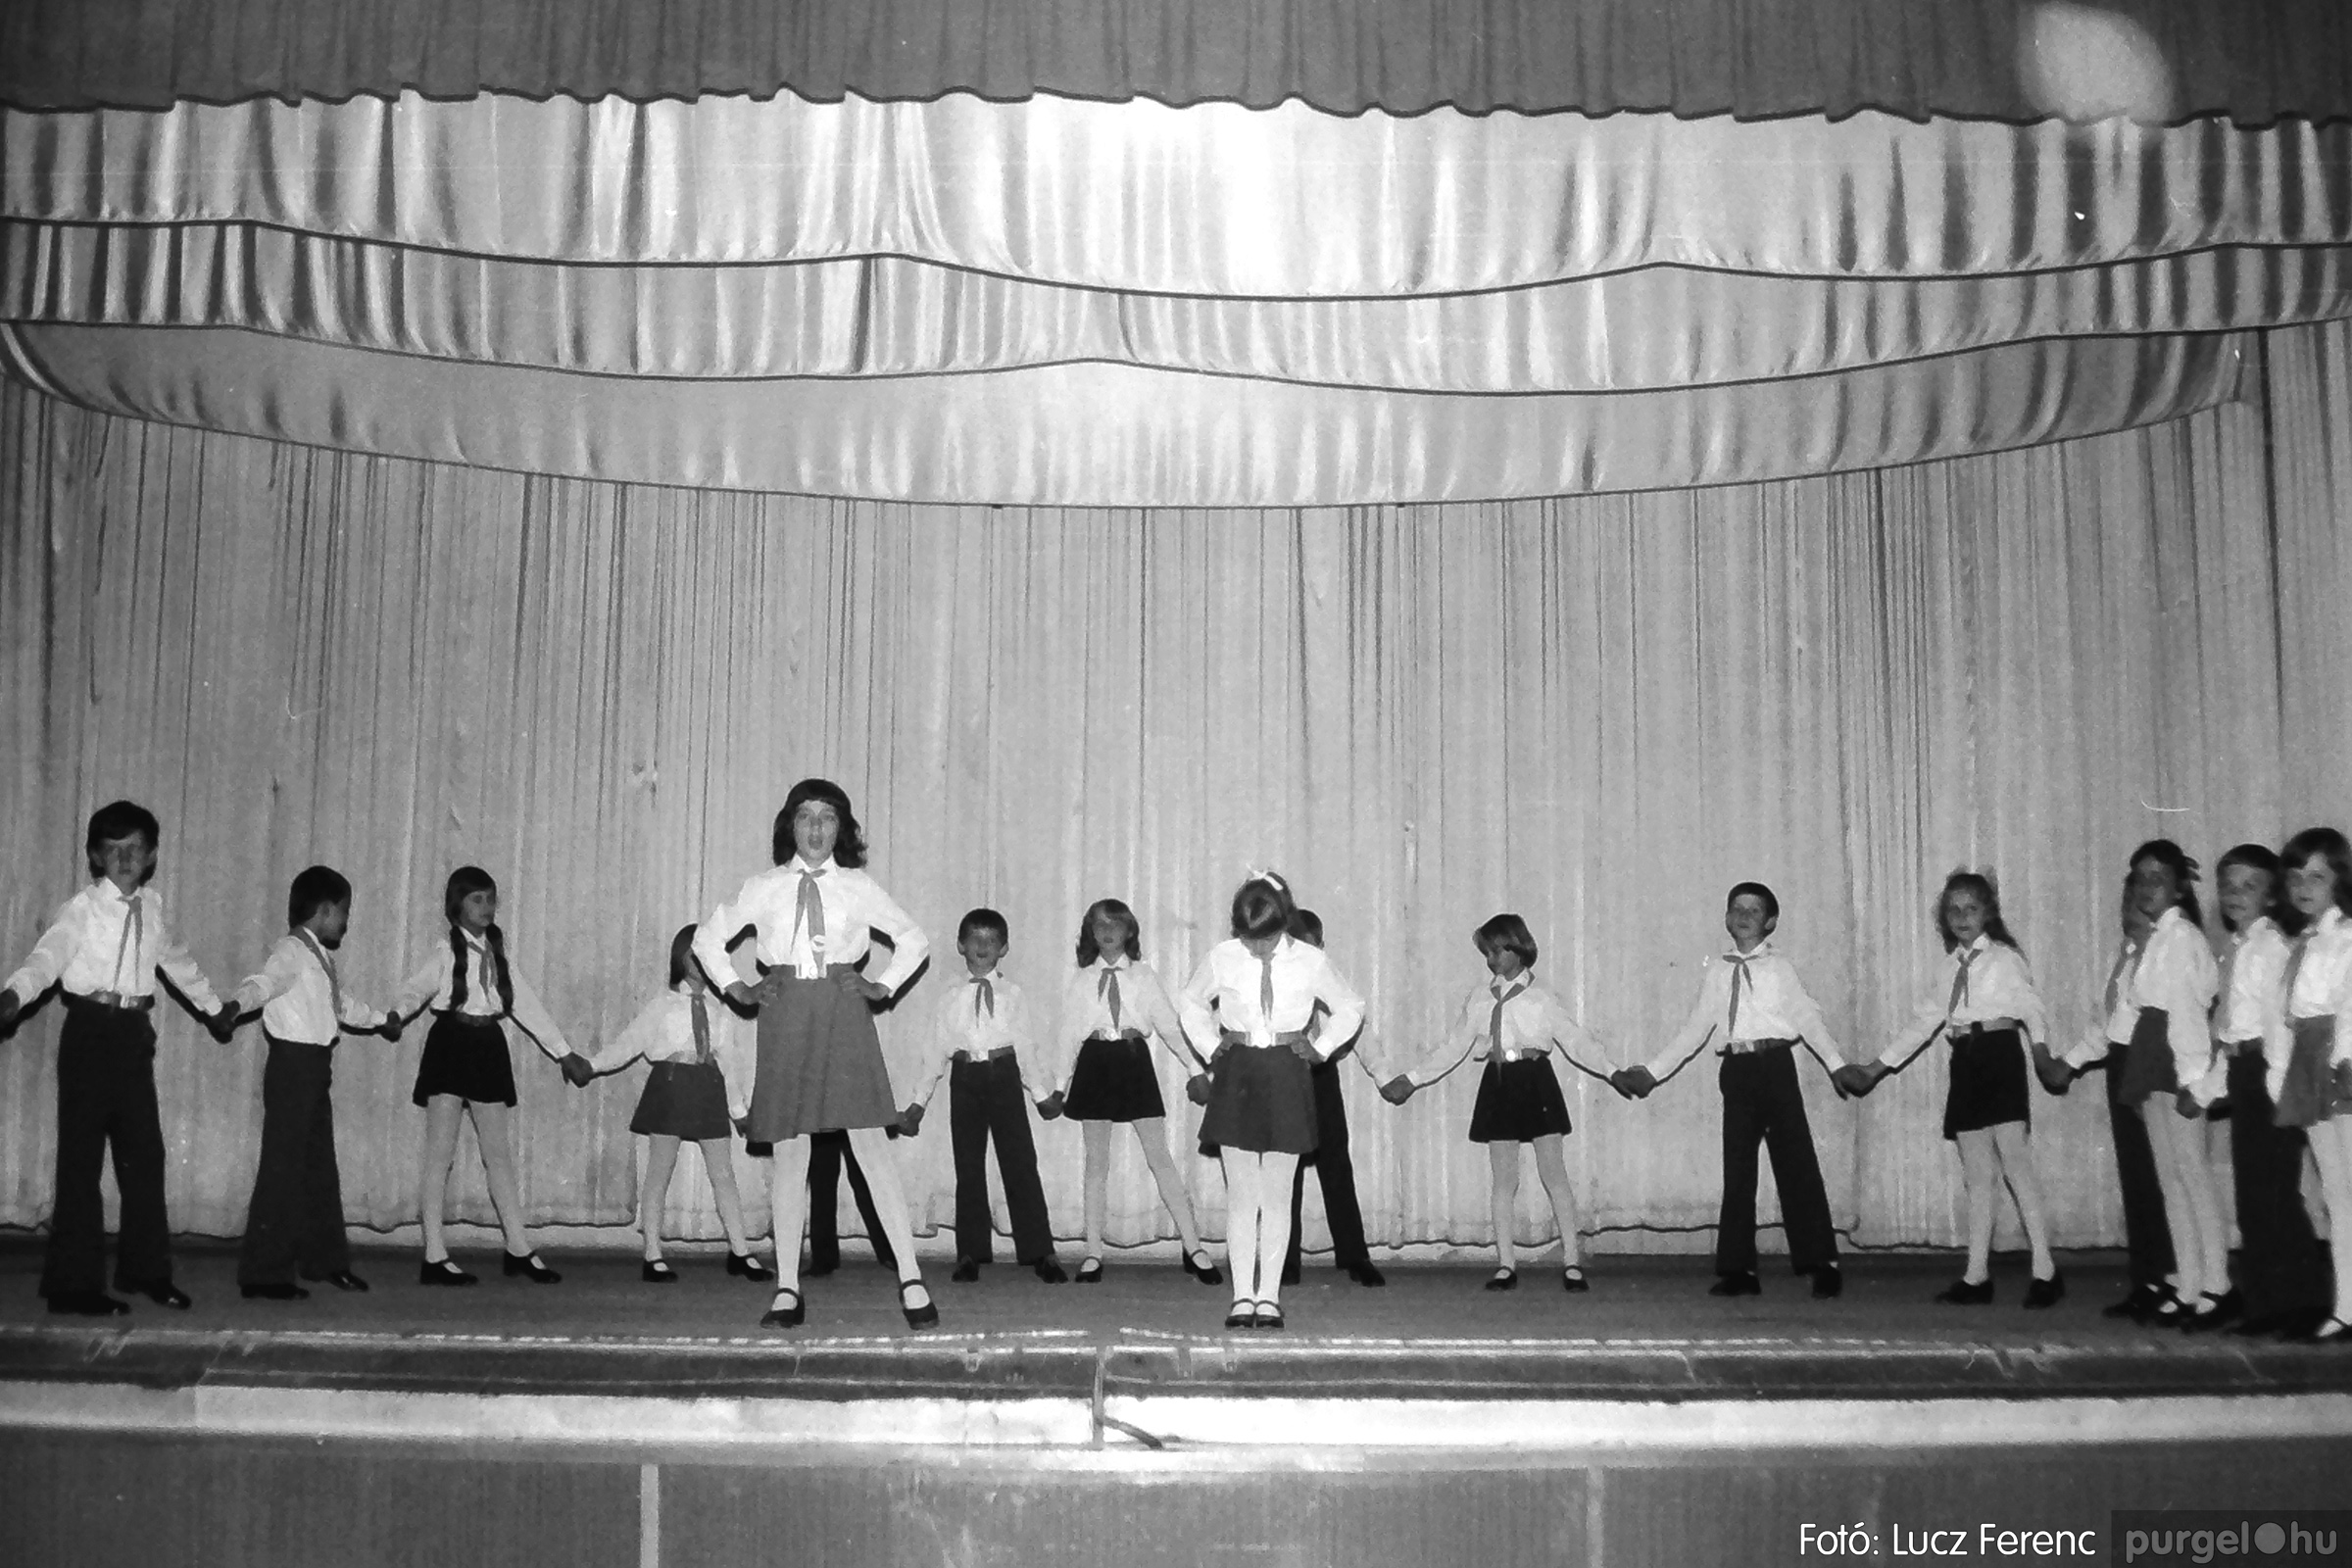 081. 1977. Néptáncosok fellépése a kultúrházban 002. - Fotó: Lucz Ferenc.jpg